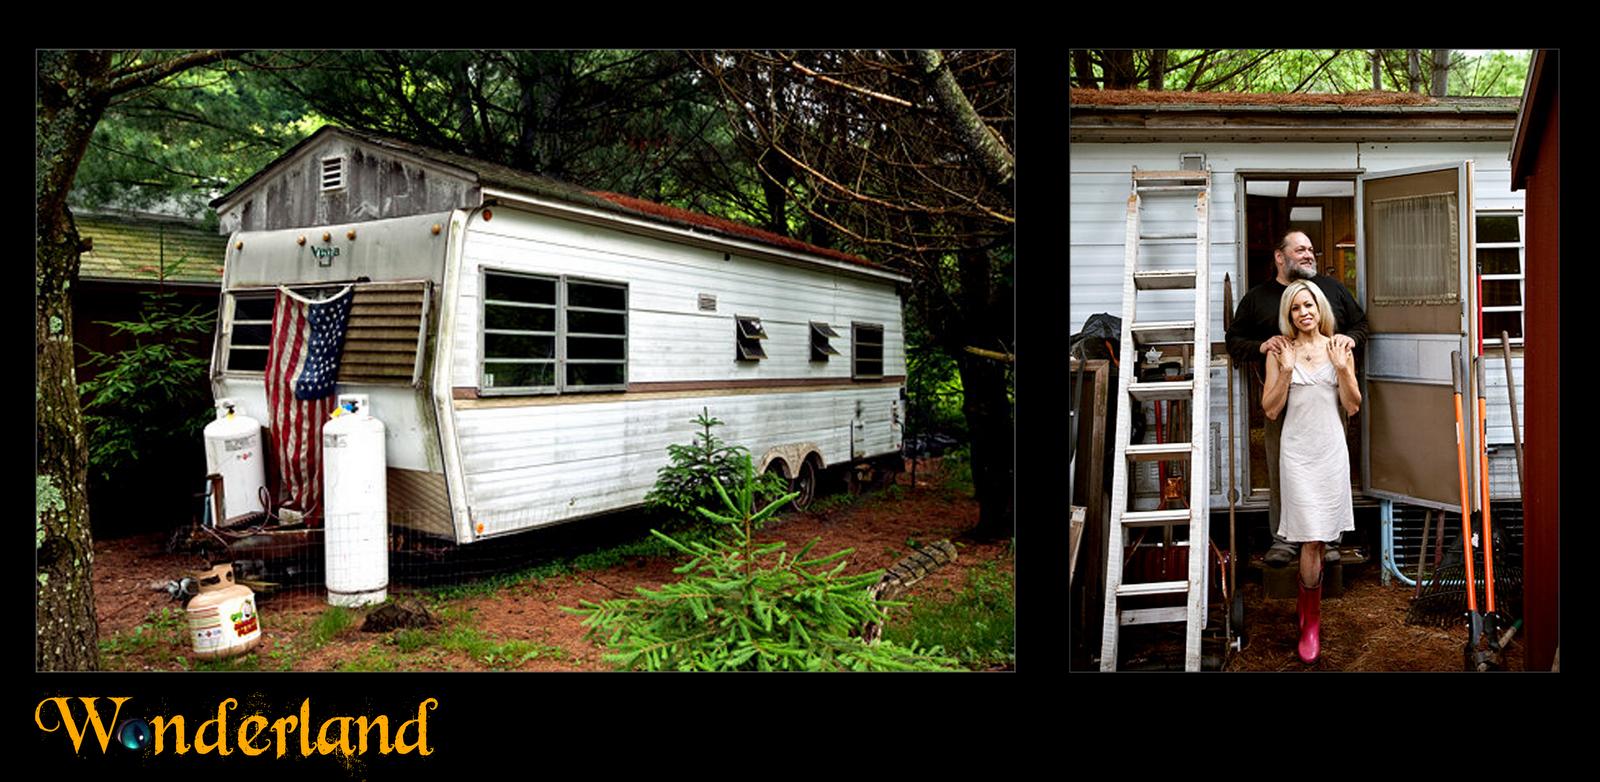 Lucy wonderland un piccolo cottage vittoriano da sogno for Come costruire un piccolo cottage